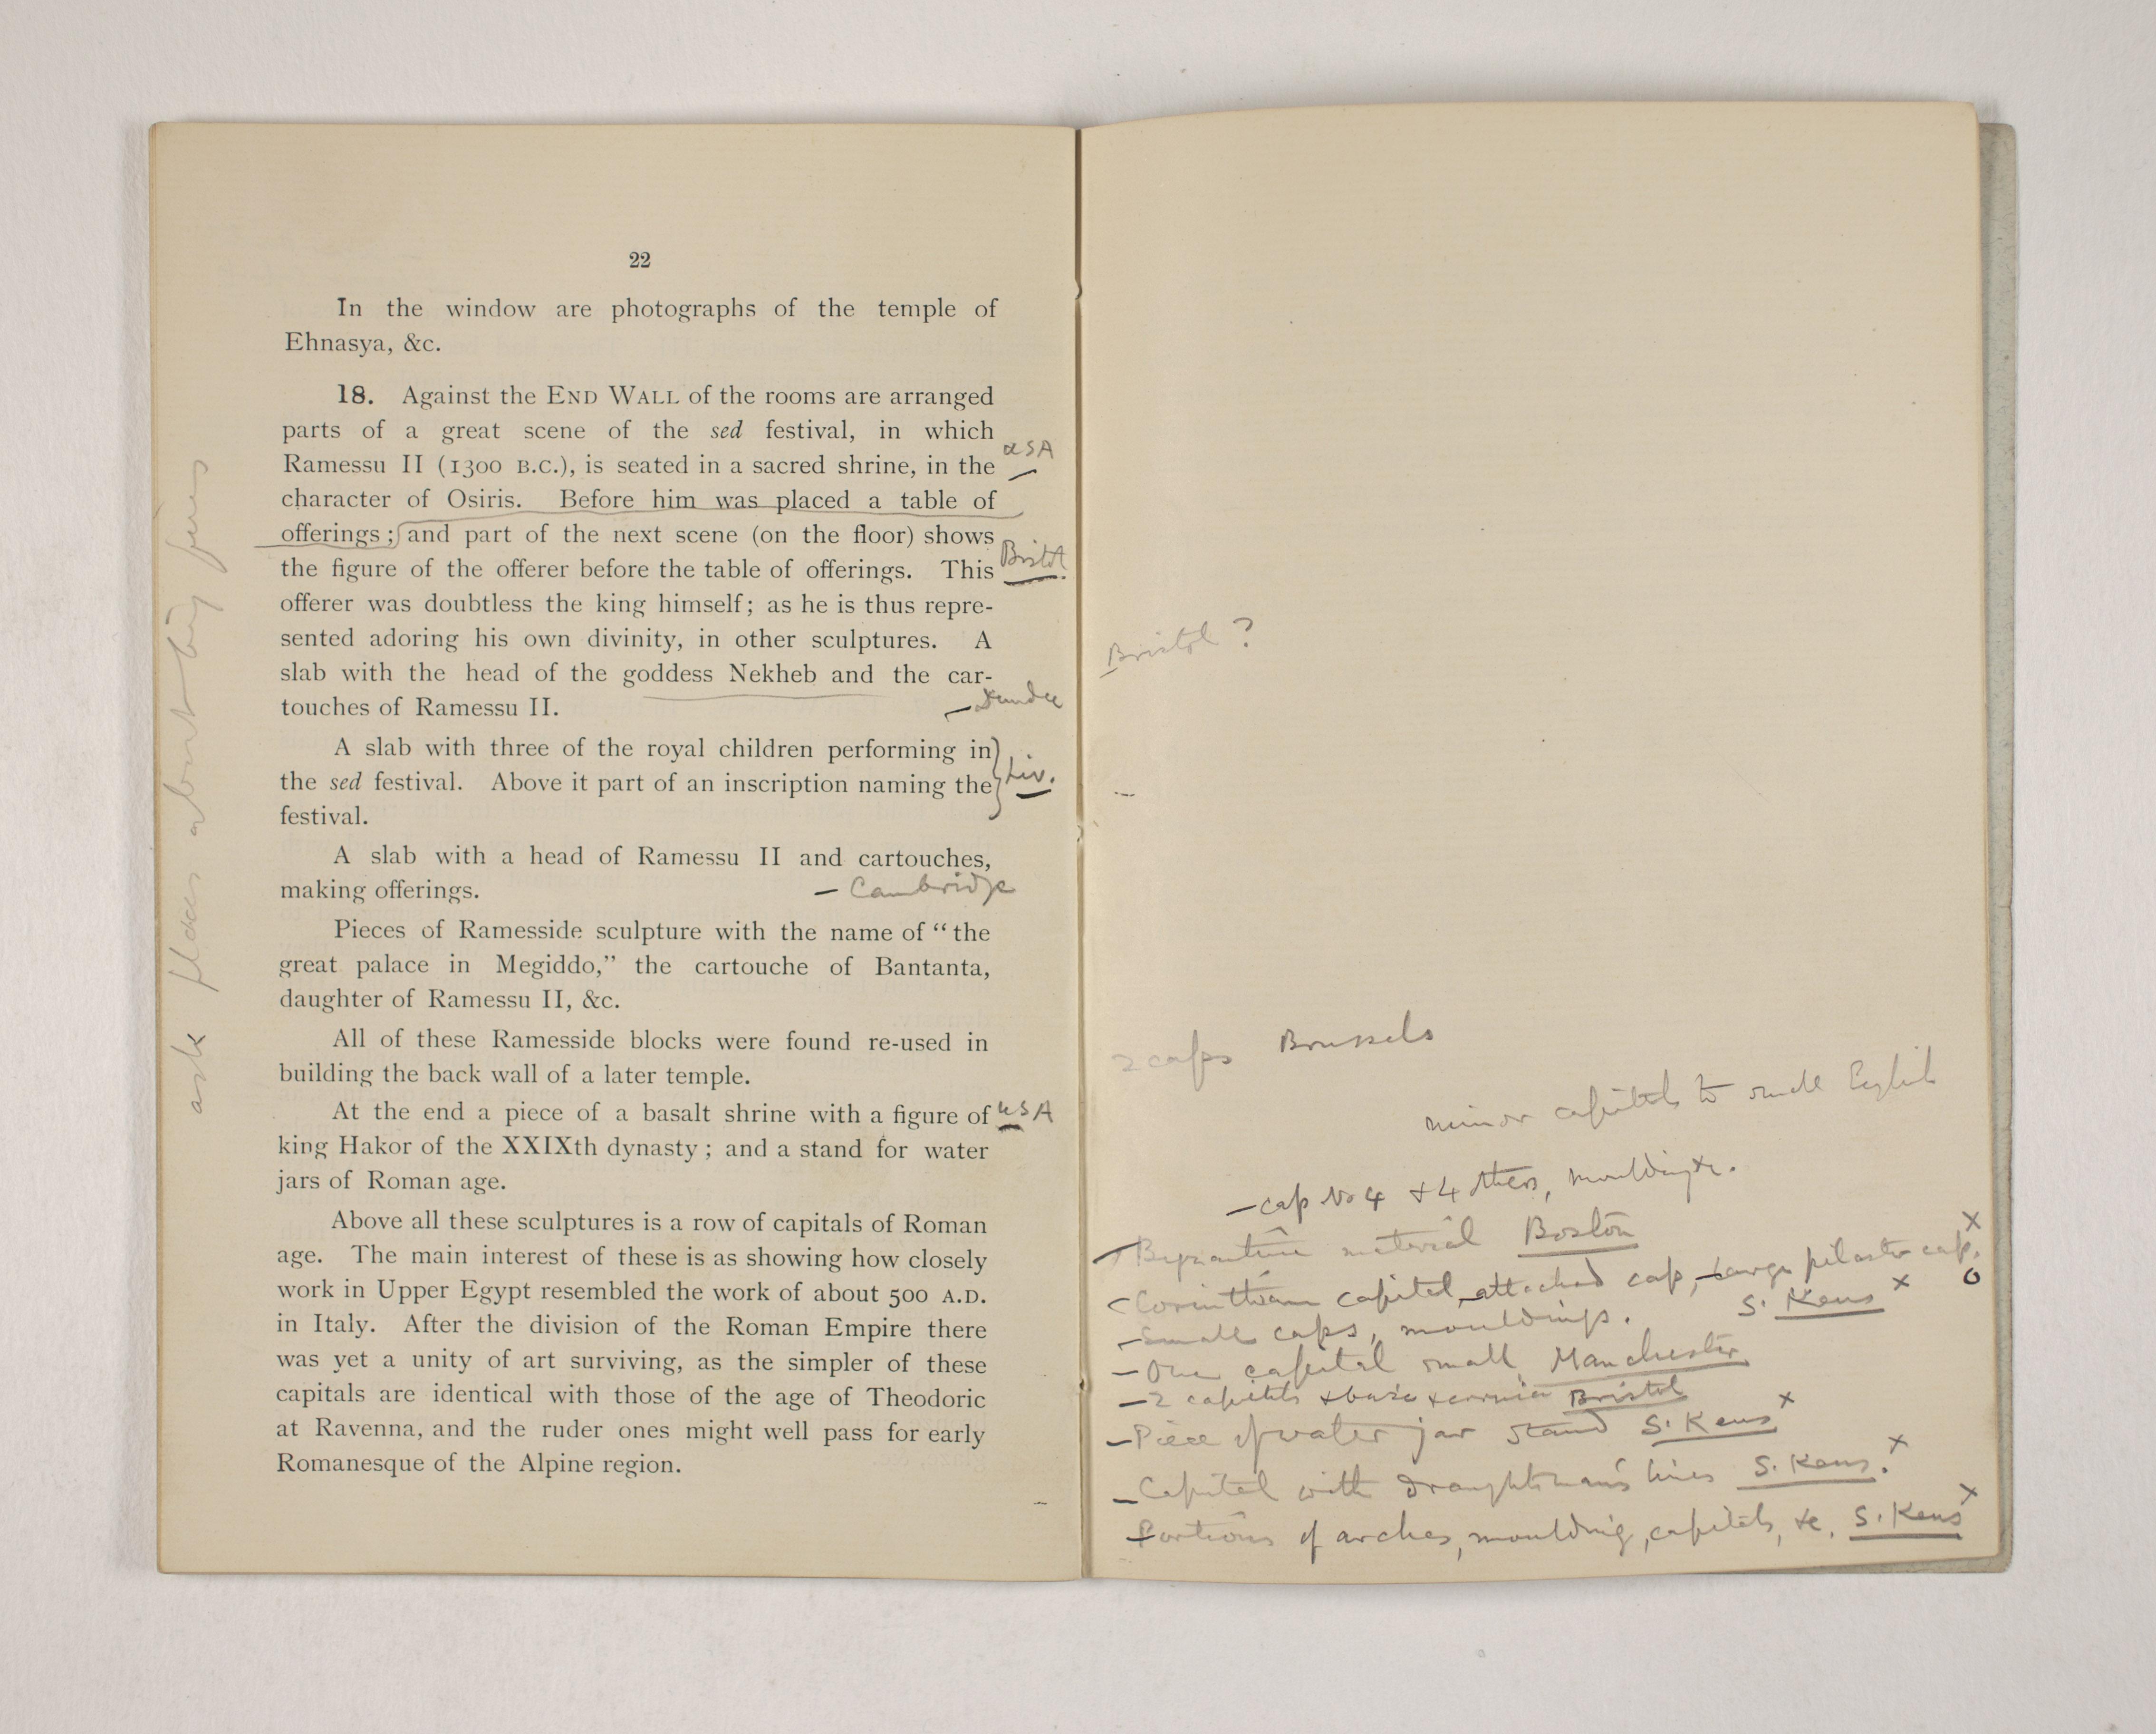 1903-04 Abydos, Ihnasya, Tell el-Fara'in, Saqqara, Gurob, Deir el-Bahri, Oxyrhynchus Exhibition Catalogue PMA/WFP1/D/12/12.23